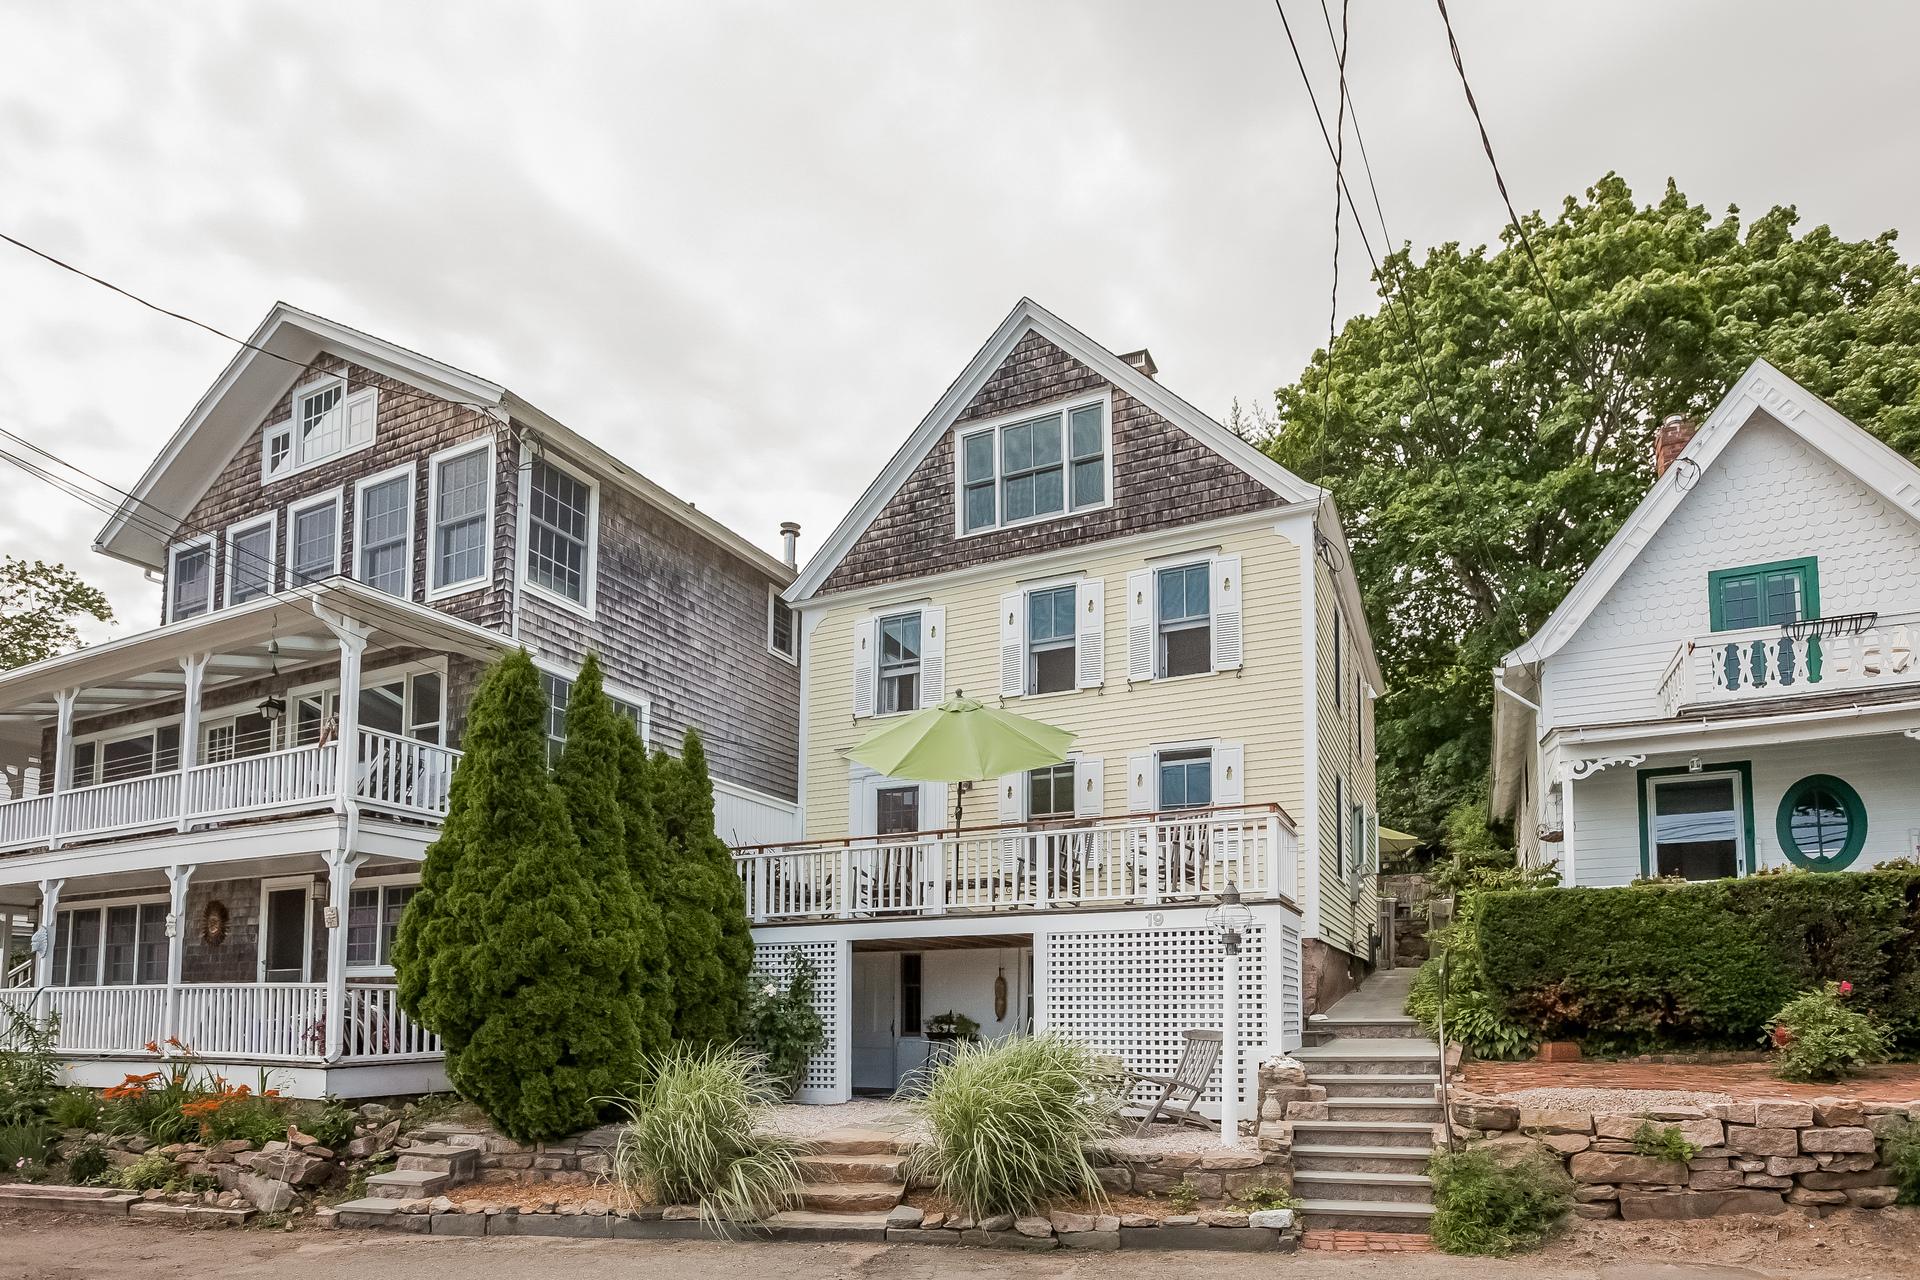 Maison unifamiliale pour l Vente à 19 Halls Point Rd Branford, Connecticut, 06405 États-Unis